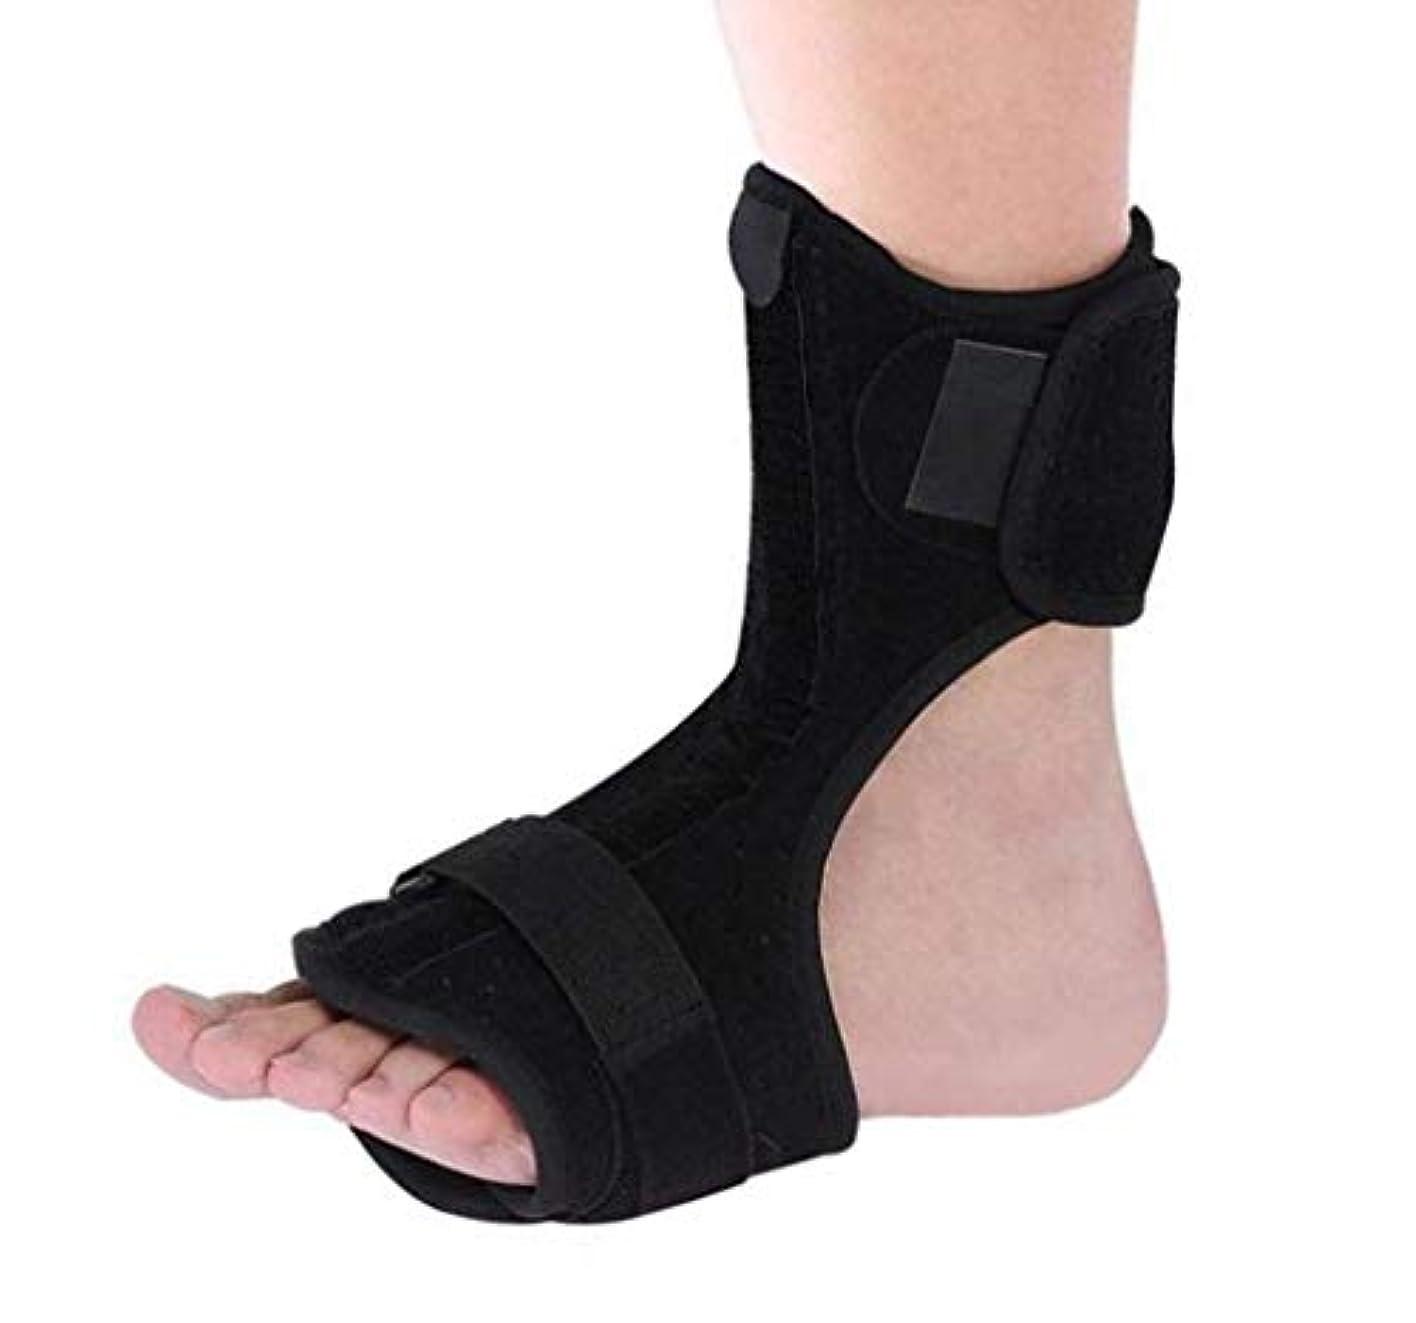 大きなスケールで見ると真実桁足首固定ブラケット、足首装具ブレース、足関節固定装具、アキレス腱手術足首関節術後ケアブレース